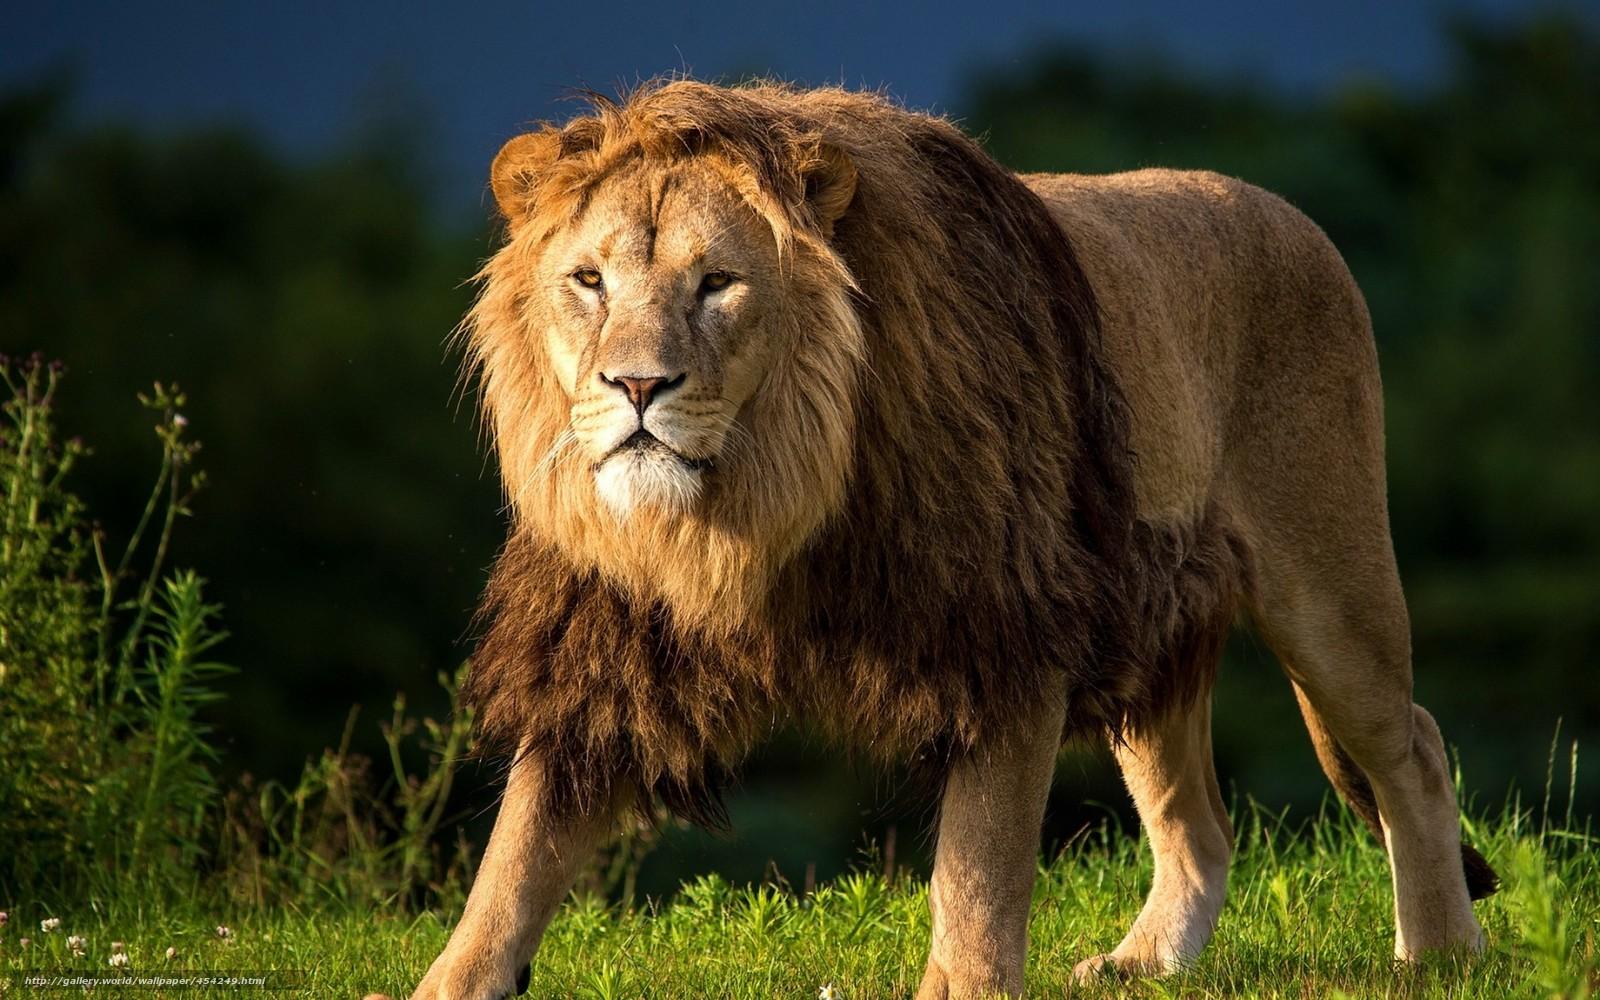 Scaricare gli sfondi leone criniera vista predatore for Sfondi leone